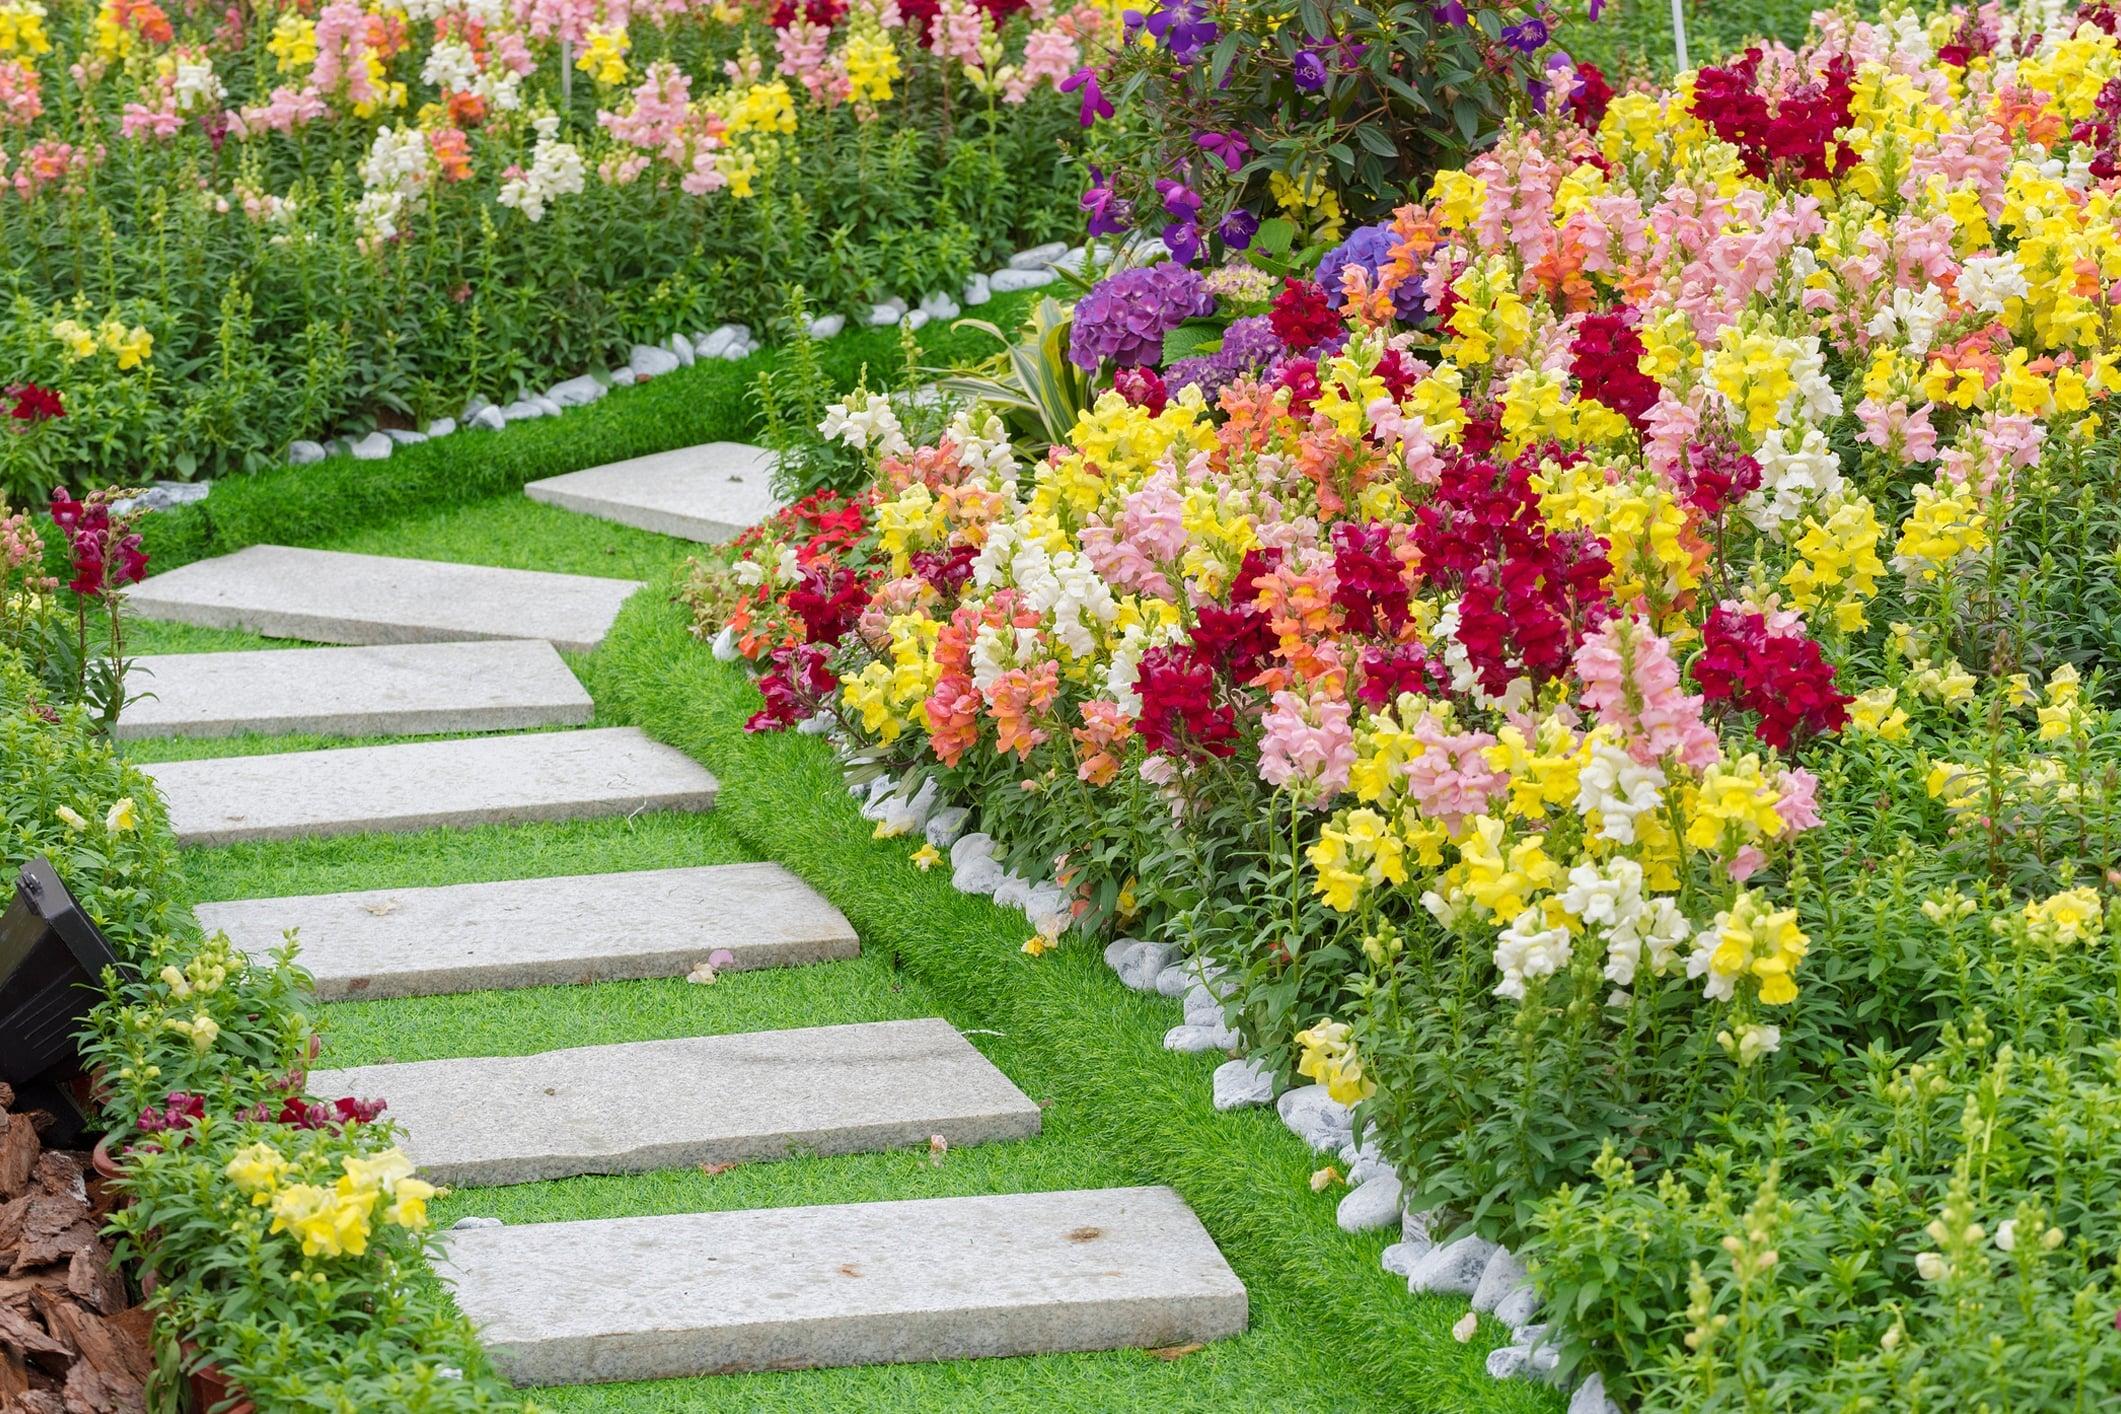 Shamrock's Nursery & Landscaping image 1